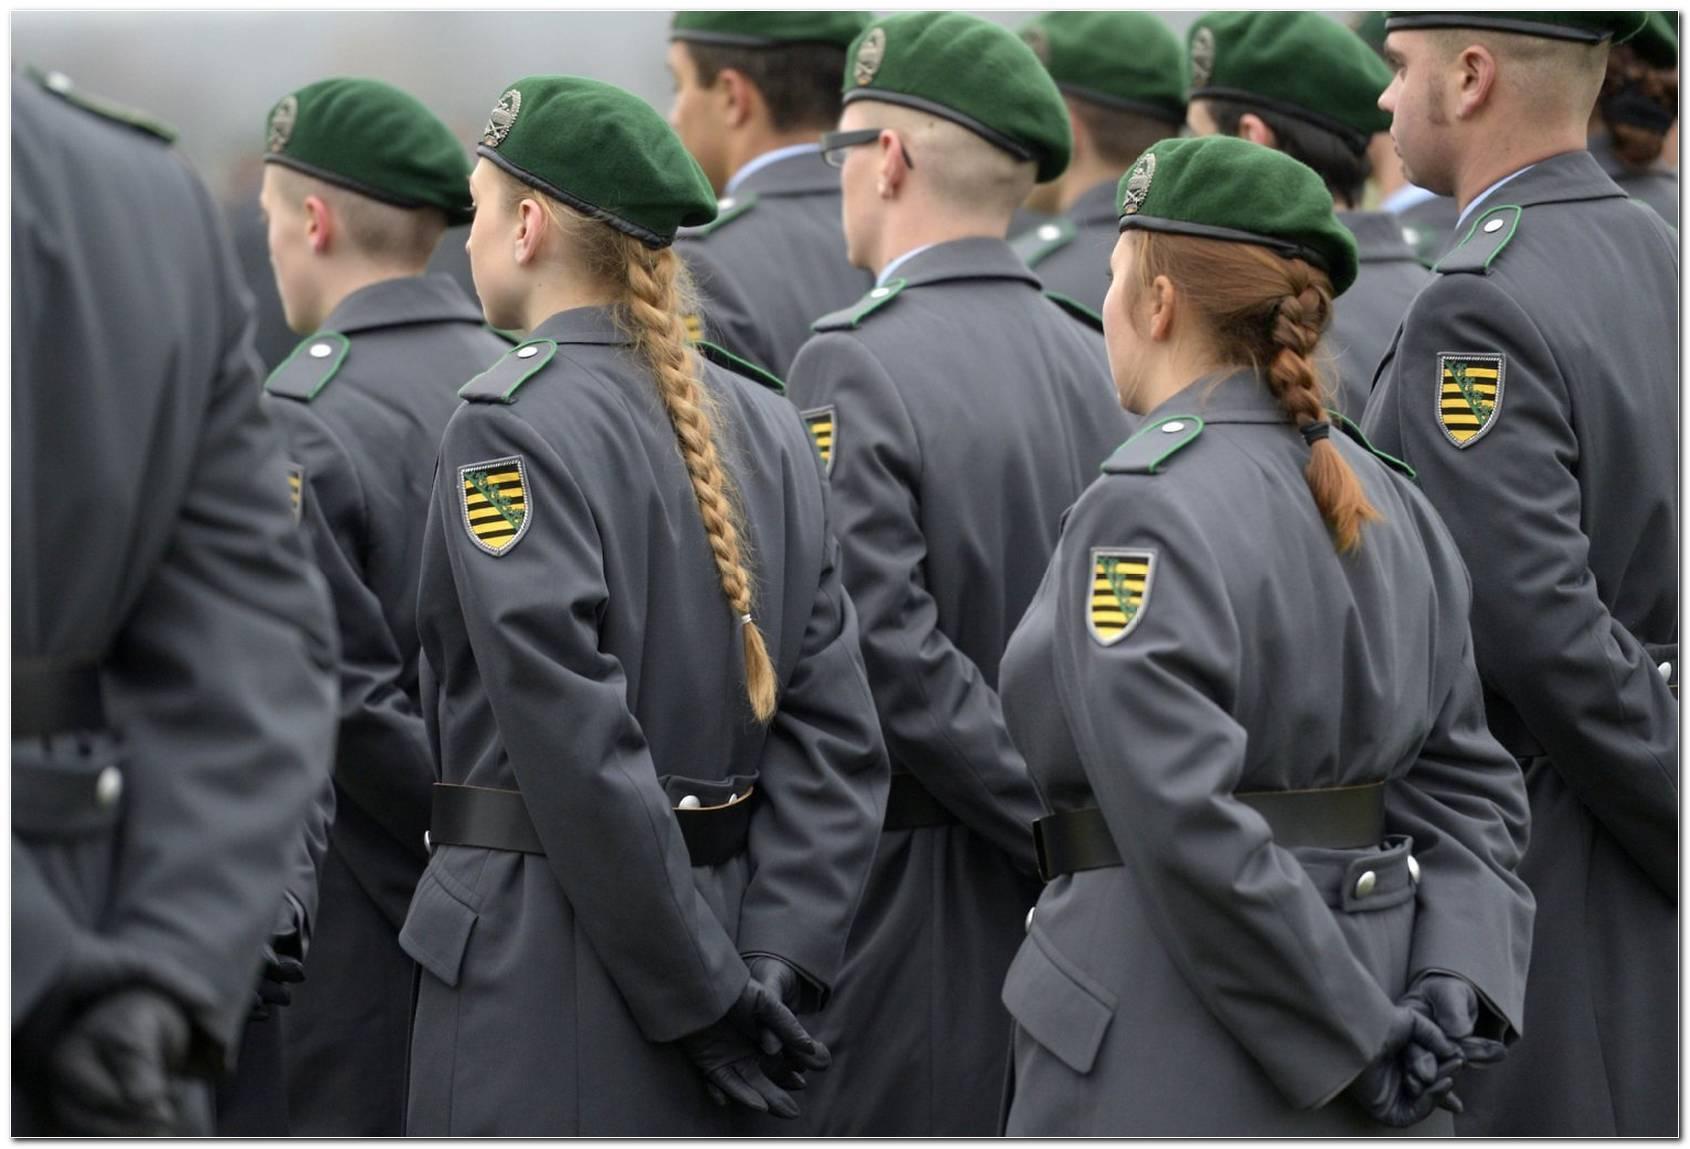 Verbotene Frisuren Bundeswehr